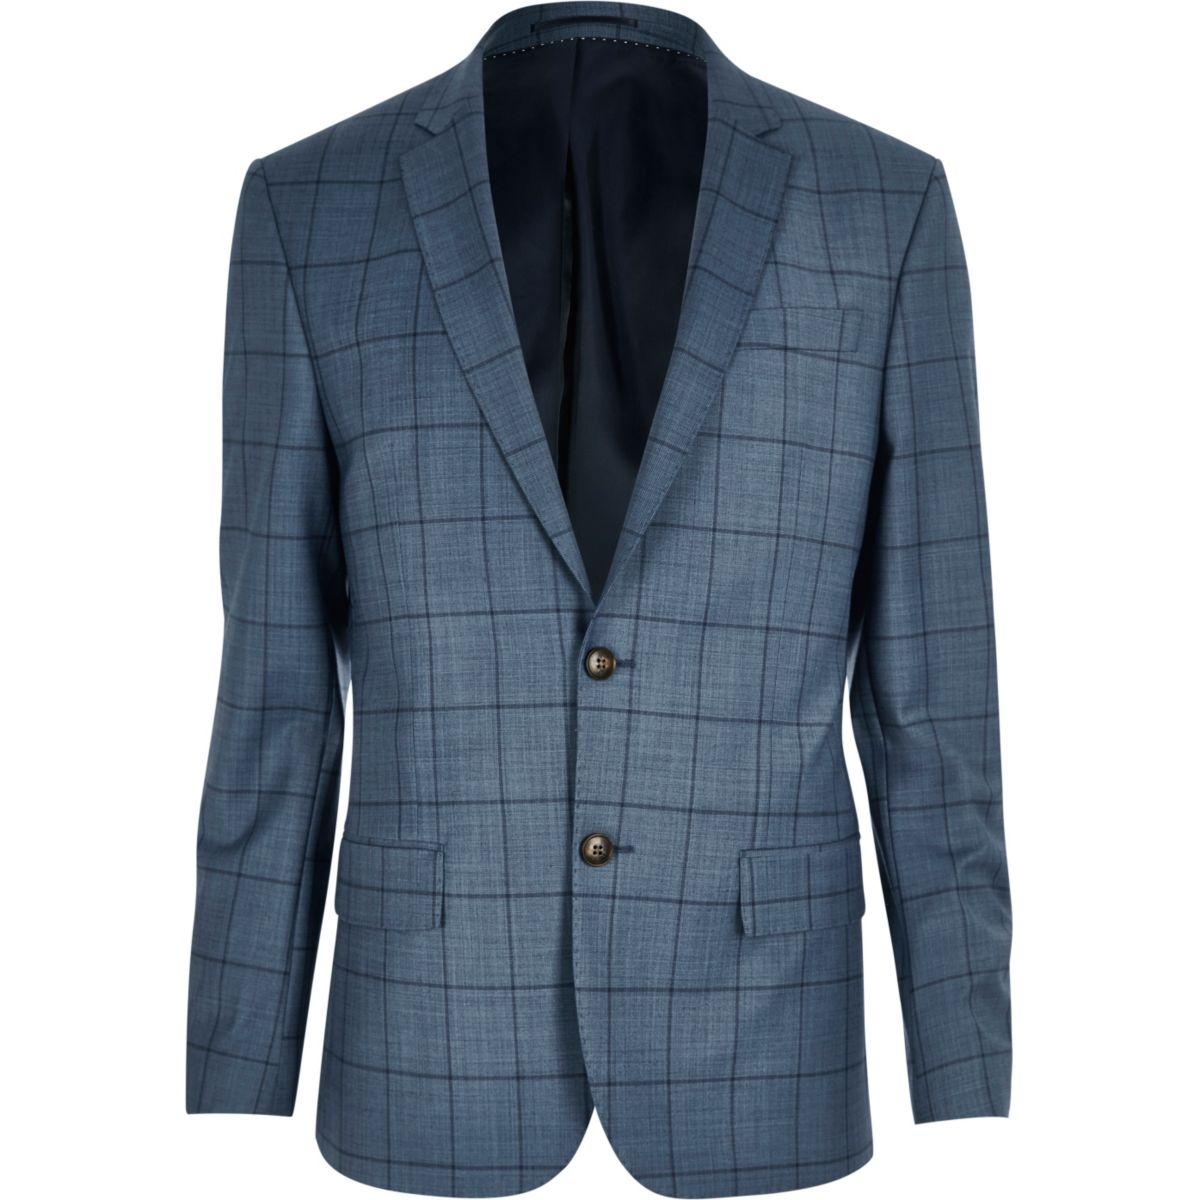 Blue check suit jacket